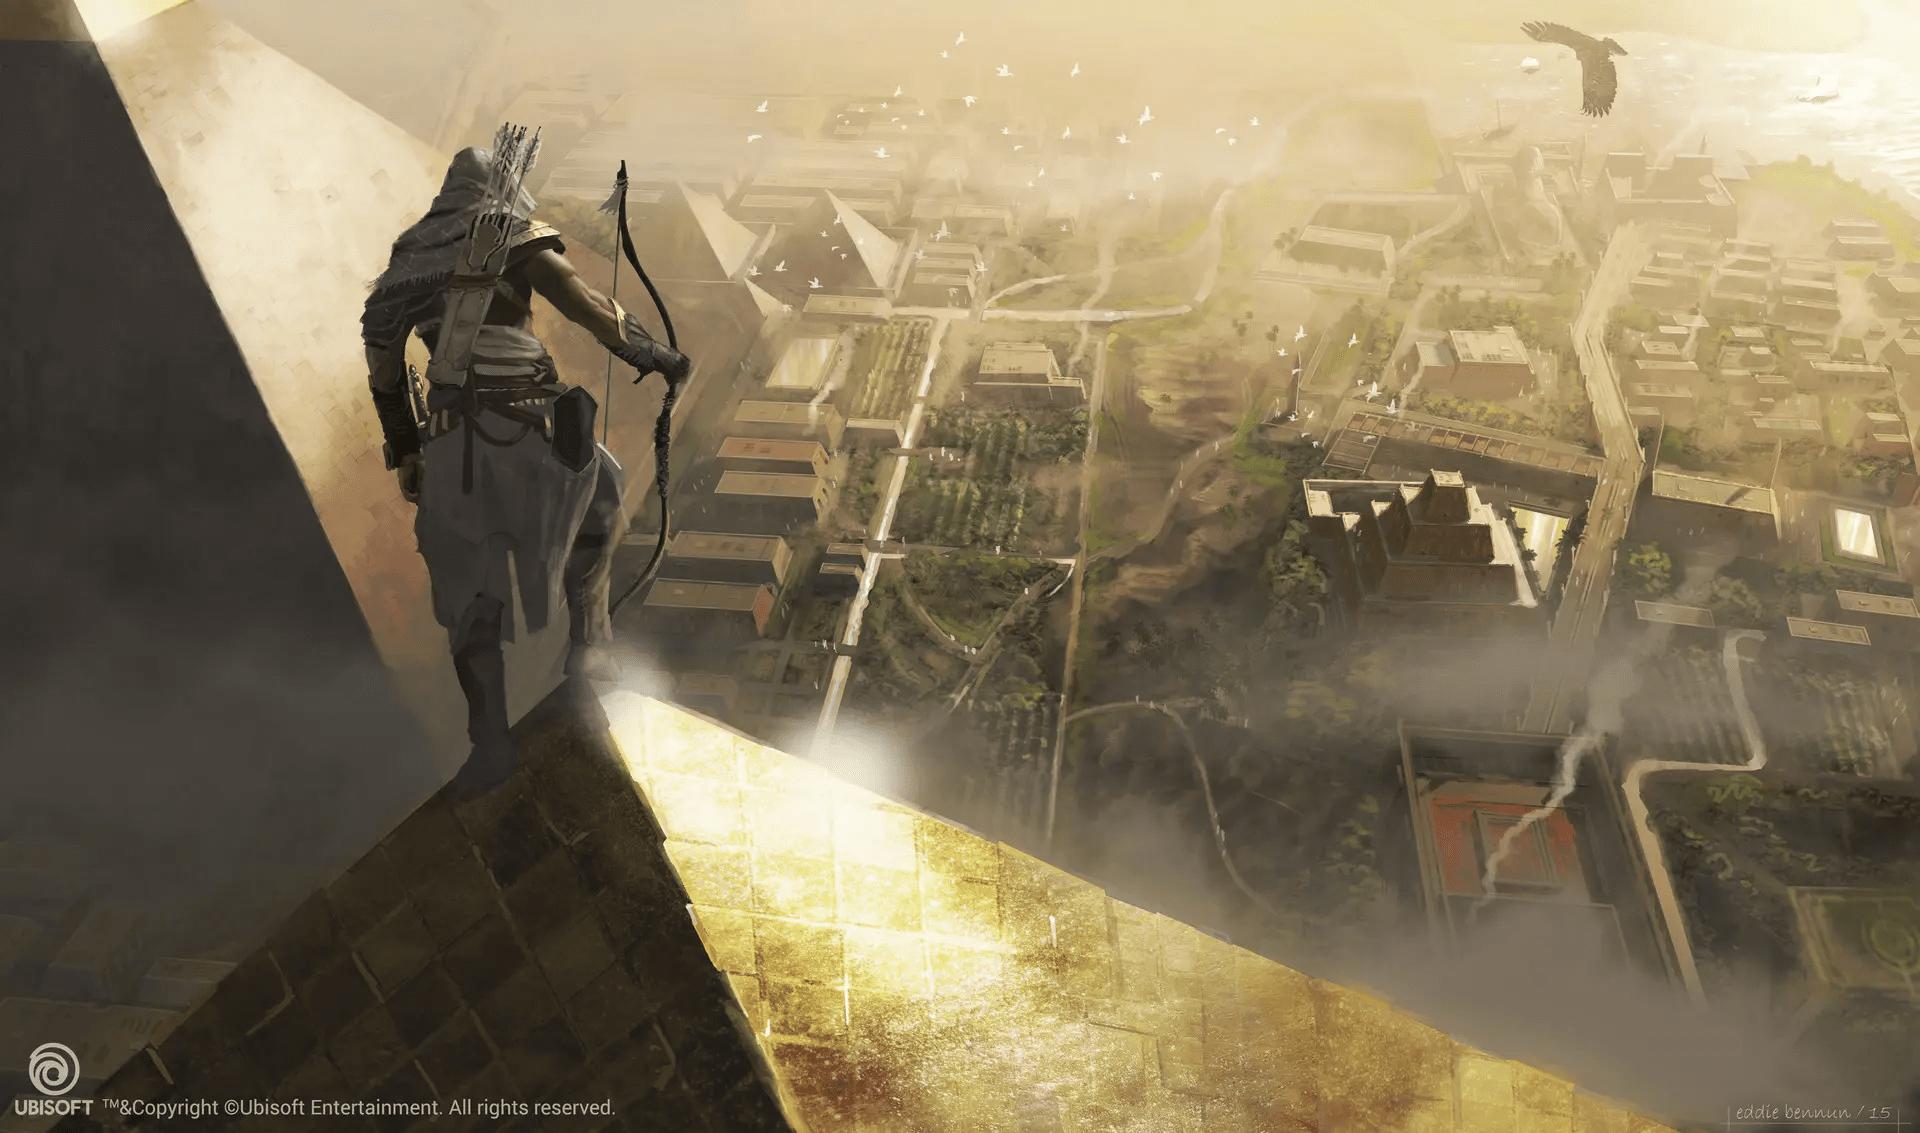 Assassin's Creed Master di game designer e game developer